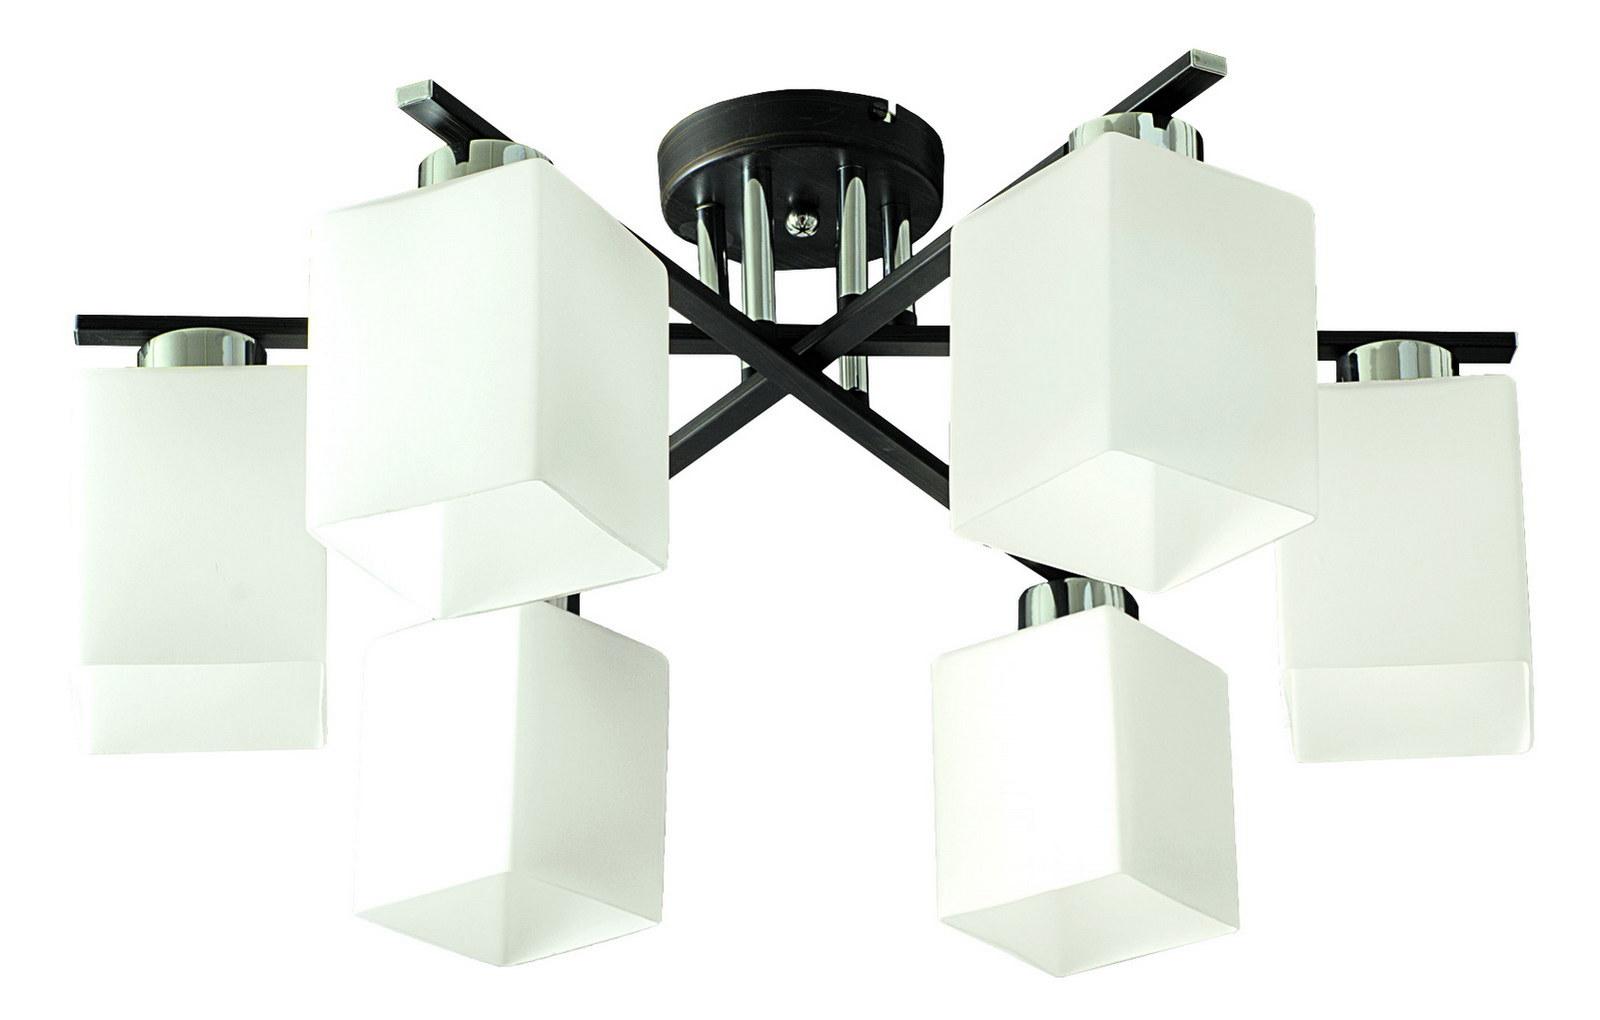 Люстра МАКСИСВЕТЛюстры<br>Назначение светильника: для гостиной,<br>Стиль светильника: модерн,<br>Тип: потолочная,<br>Материал светильника: металл, дерево, стекло,<br>Материал плафона: стекло,<br>Материал арматуры: металл,<br>Длина (мм): 600,<br>Ширина: 600,<br>Высота: 255,<br>Количество ламп: 6,<br>Тип лампы: накаливания,<br>Мощность: 40,<br>Патрон: Е27,<br>Пульт ДУ: нет,<br>Цвет арматуры: хром<br>